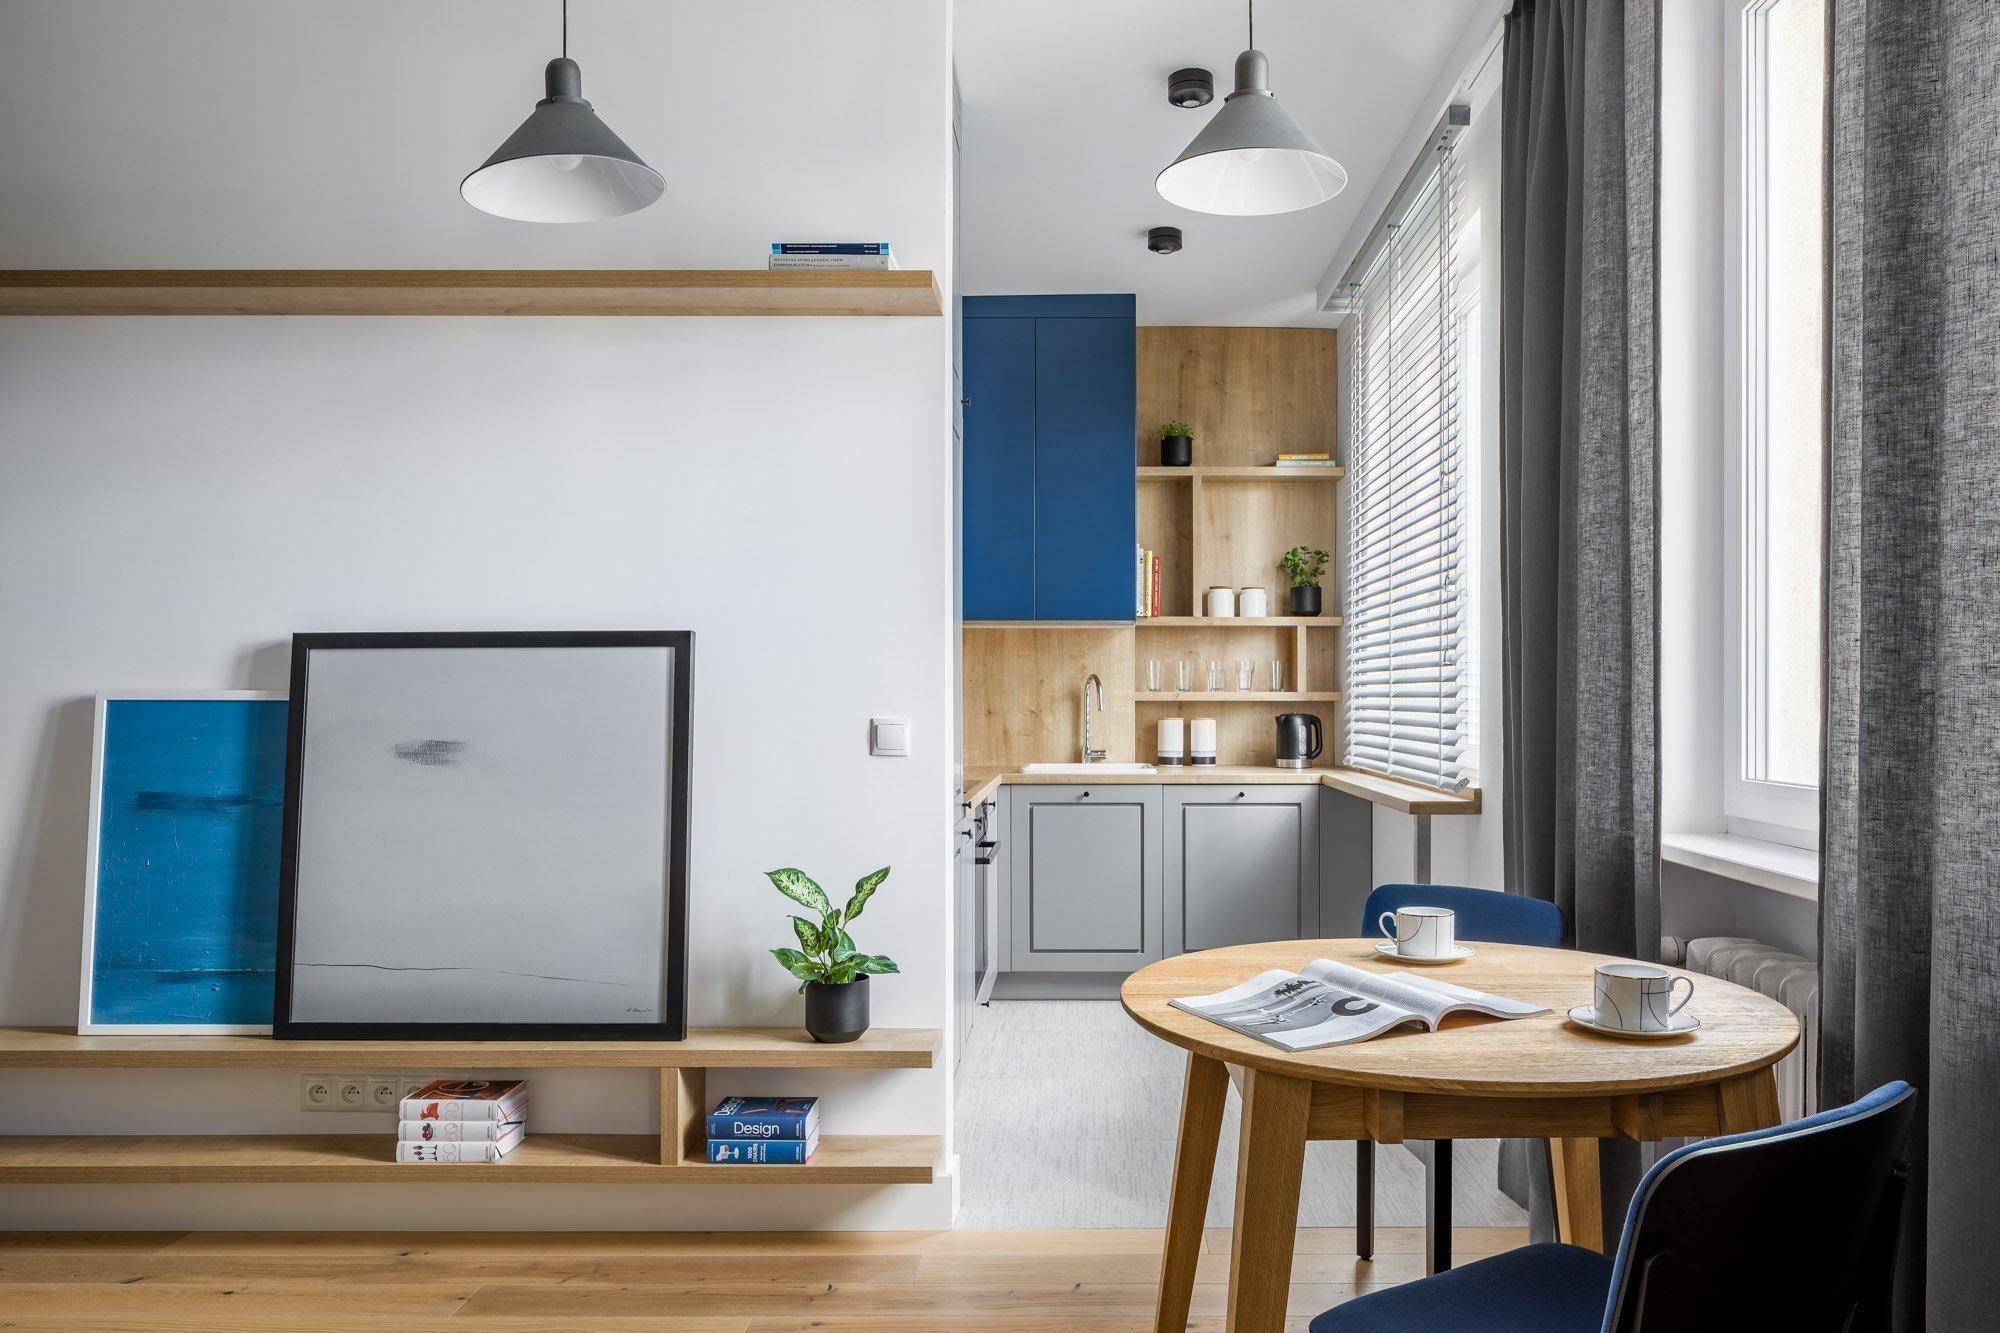 Několik stísněných místností nevyhovovalo majiteli bytu ve Varšavě, a tak se obrátil na profesionály ze studia 3XEL Architecti. Za splnění jeho snu doslova padlo několik zdí – a útulný pánský interiér byl na světě. Zaujme nejen modrými a žulovými odstíny, ale i praktičností, která jde ruku v ruce s estetikou.